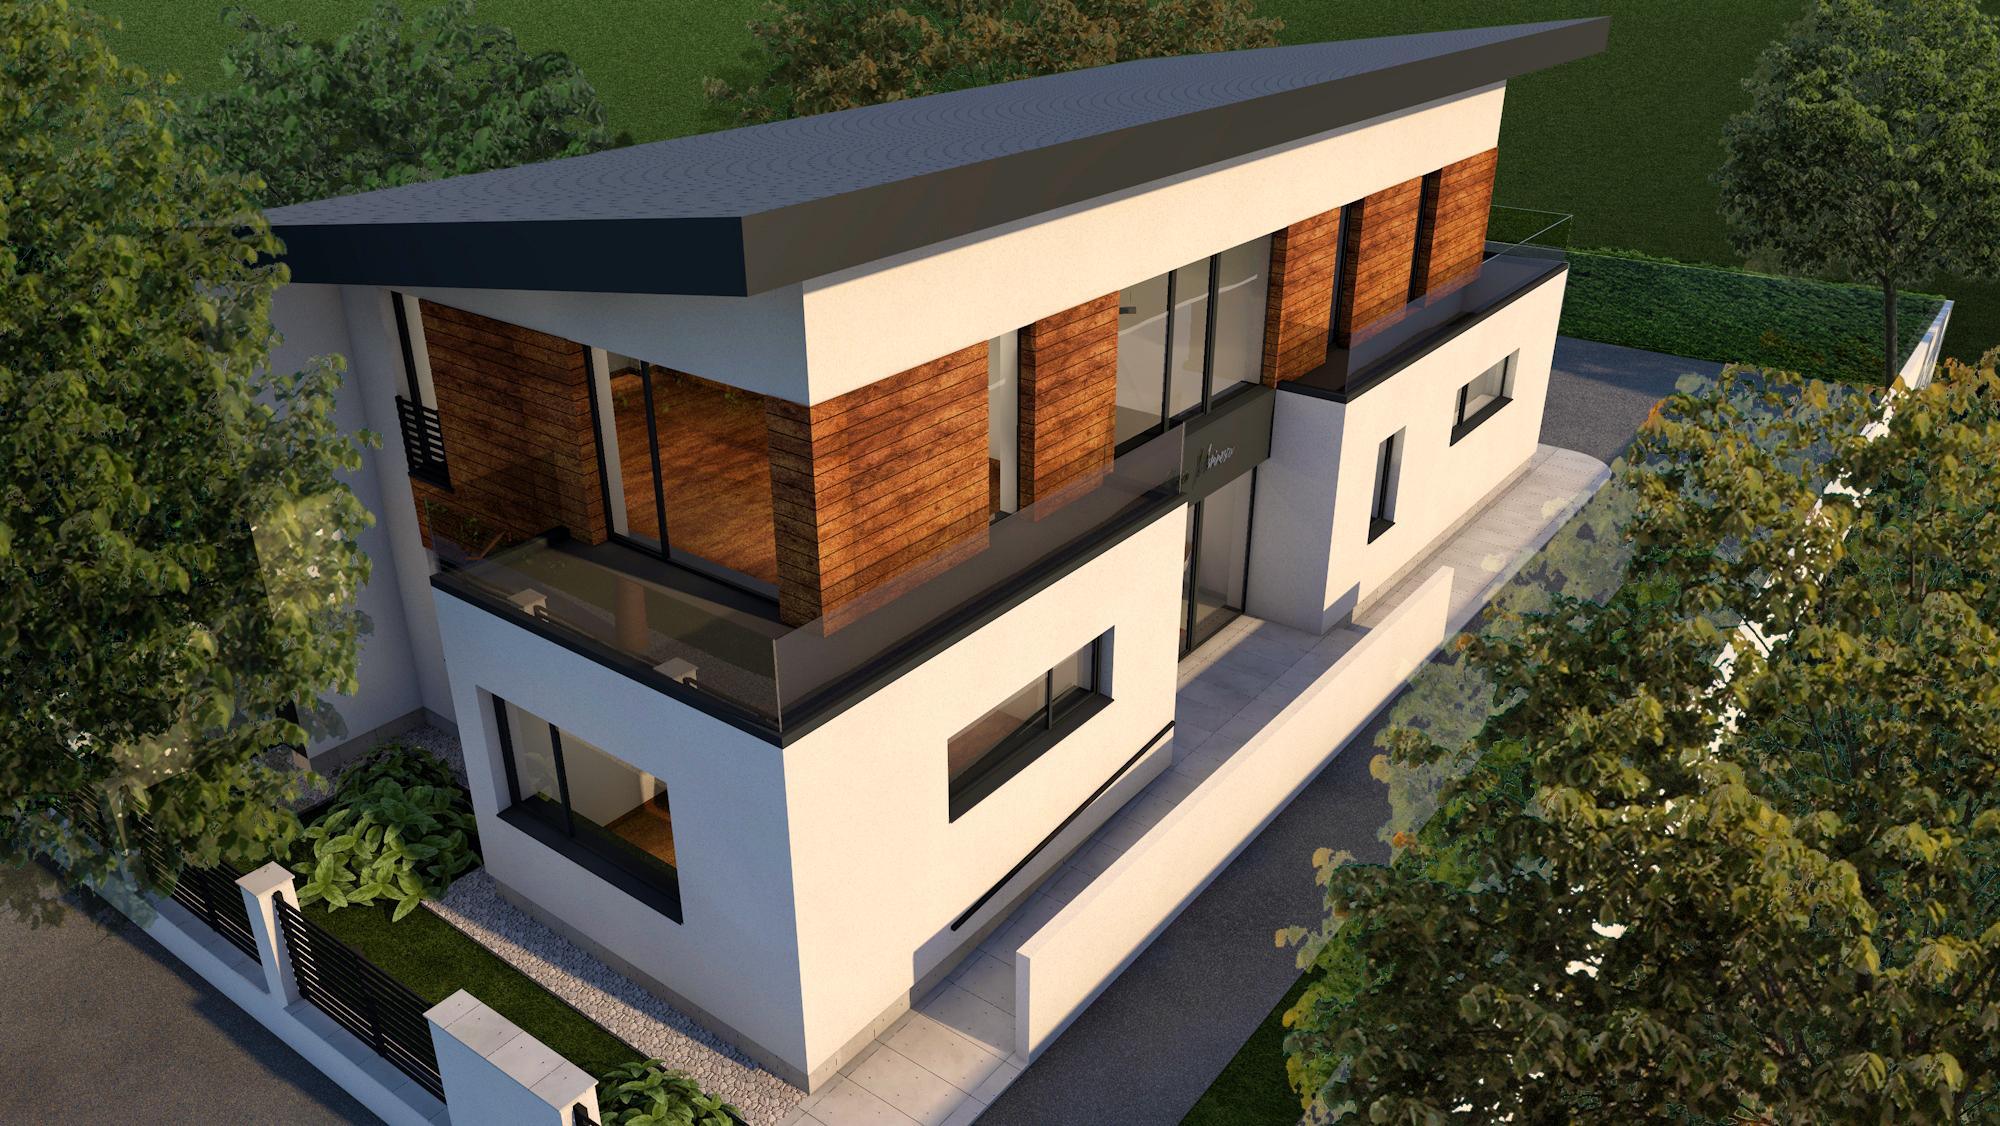 Clinică Medicală - Arhitectură Exterior 02